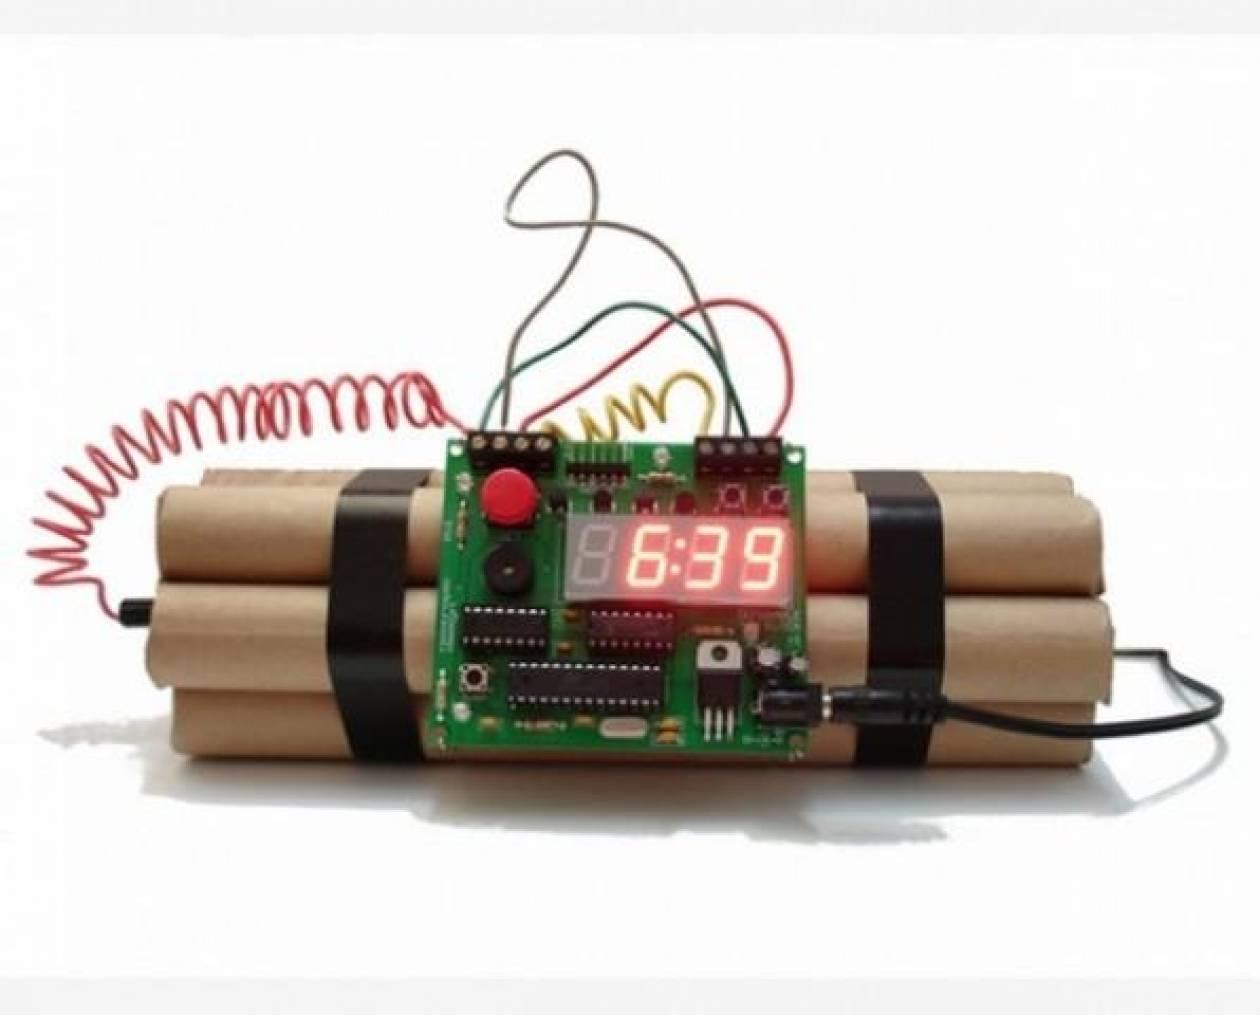 Τηλεφώνημα για βόμβα σε υποκατάστημα του Ταχυδρομικού Ταμιευτηρίου